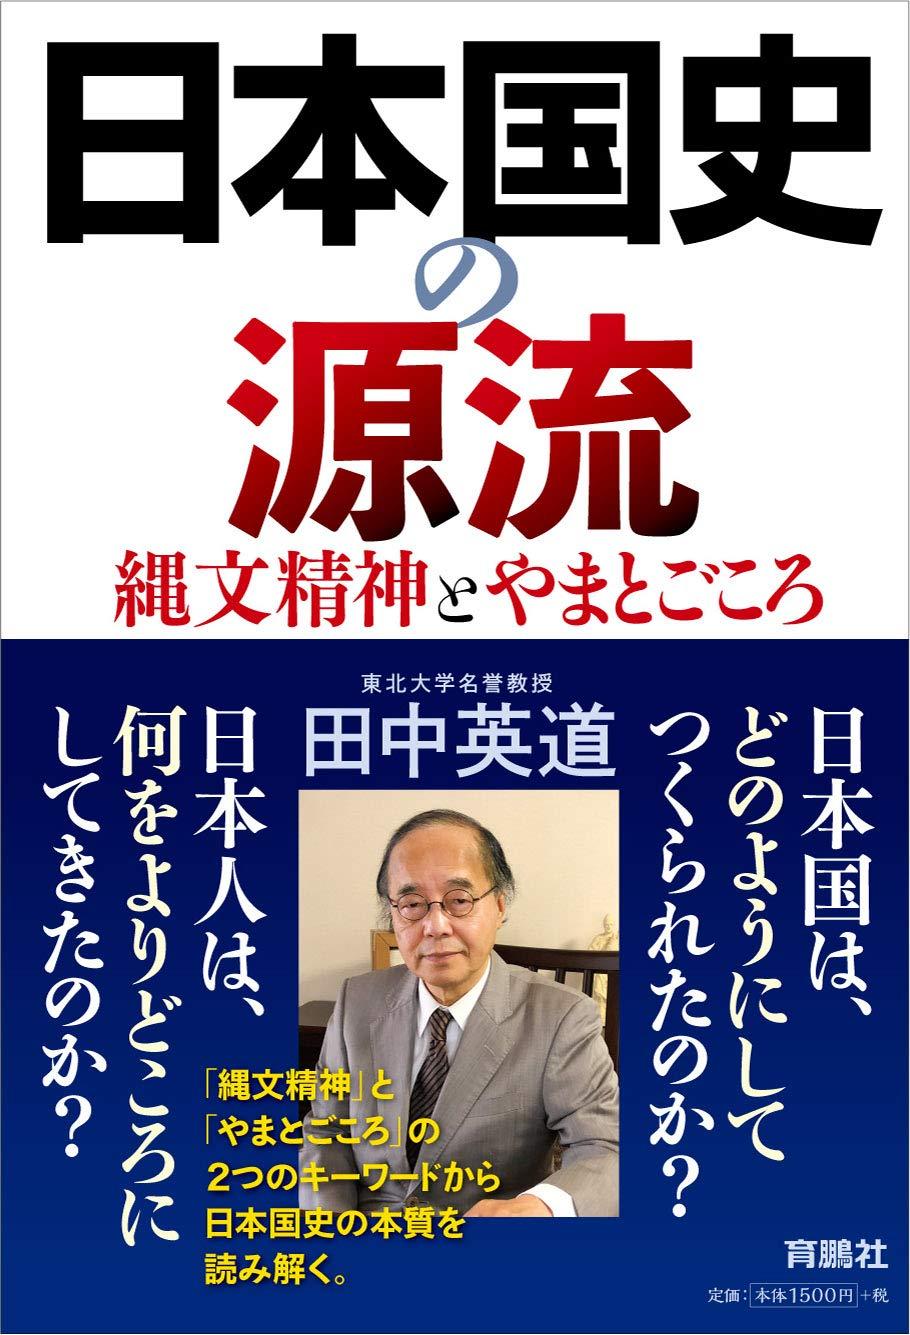 日本国史の源流 縄文精神とやまとごころ (日本語) 単行本(ソフトカバー)